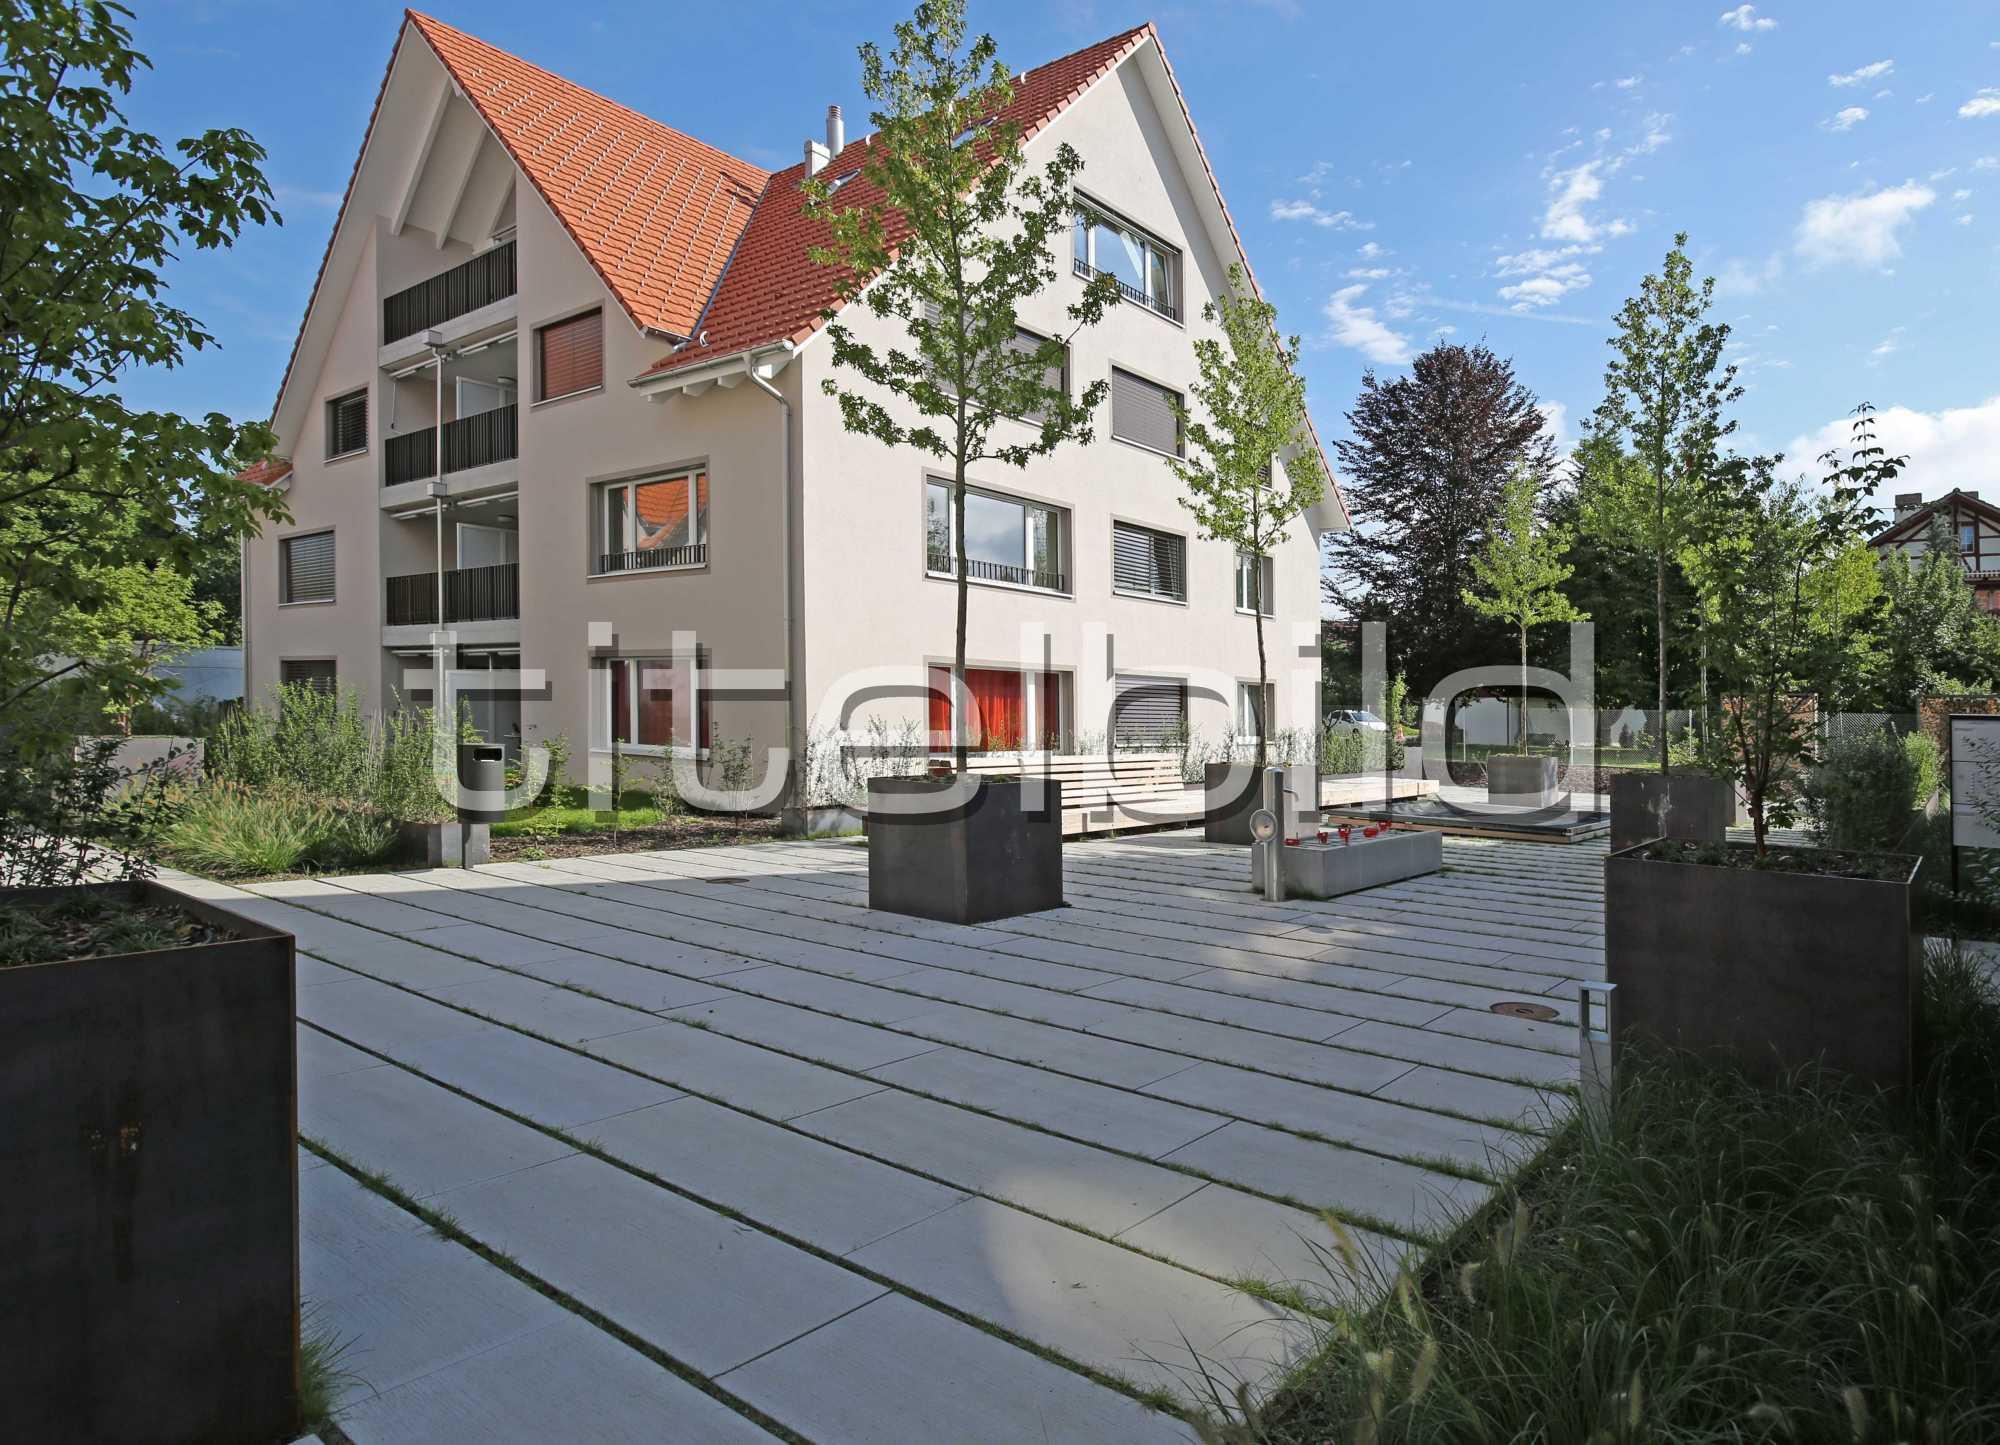 Projektbild-Nr. 5: Wohnüberbauung Pfarrhausstrasse